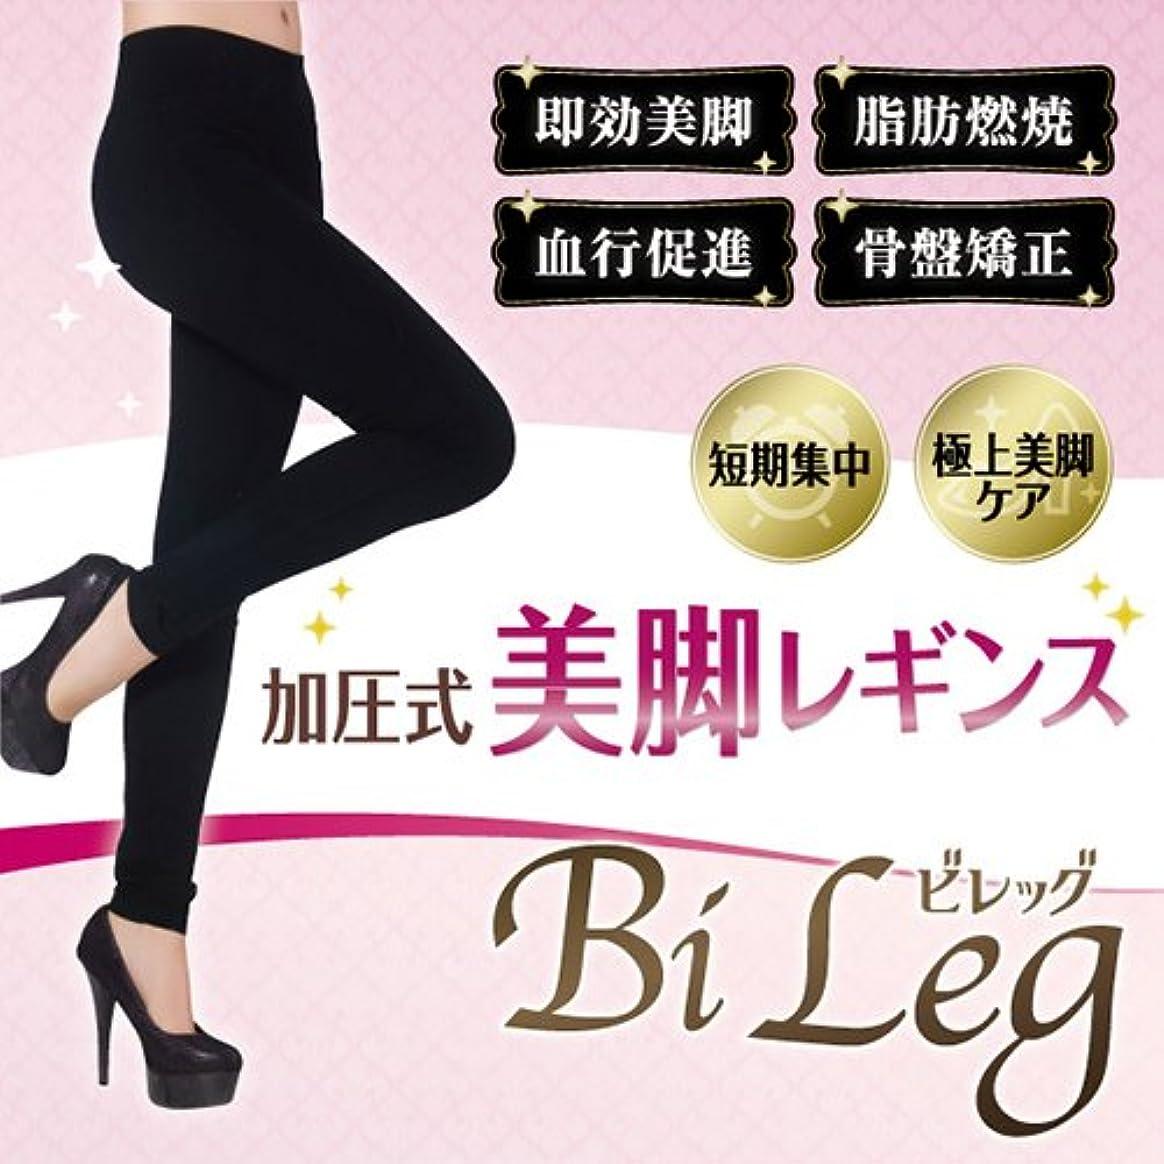 シャイニング教育姪【1つプレゼント!! 送料?代引手数料無料5個+1個】Bi Leg-ビレッグ-